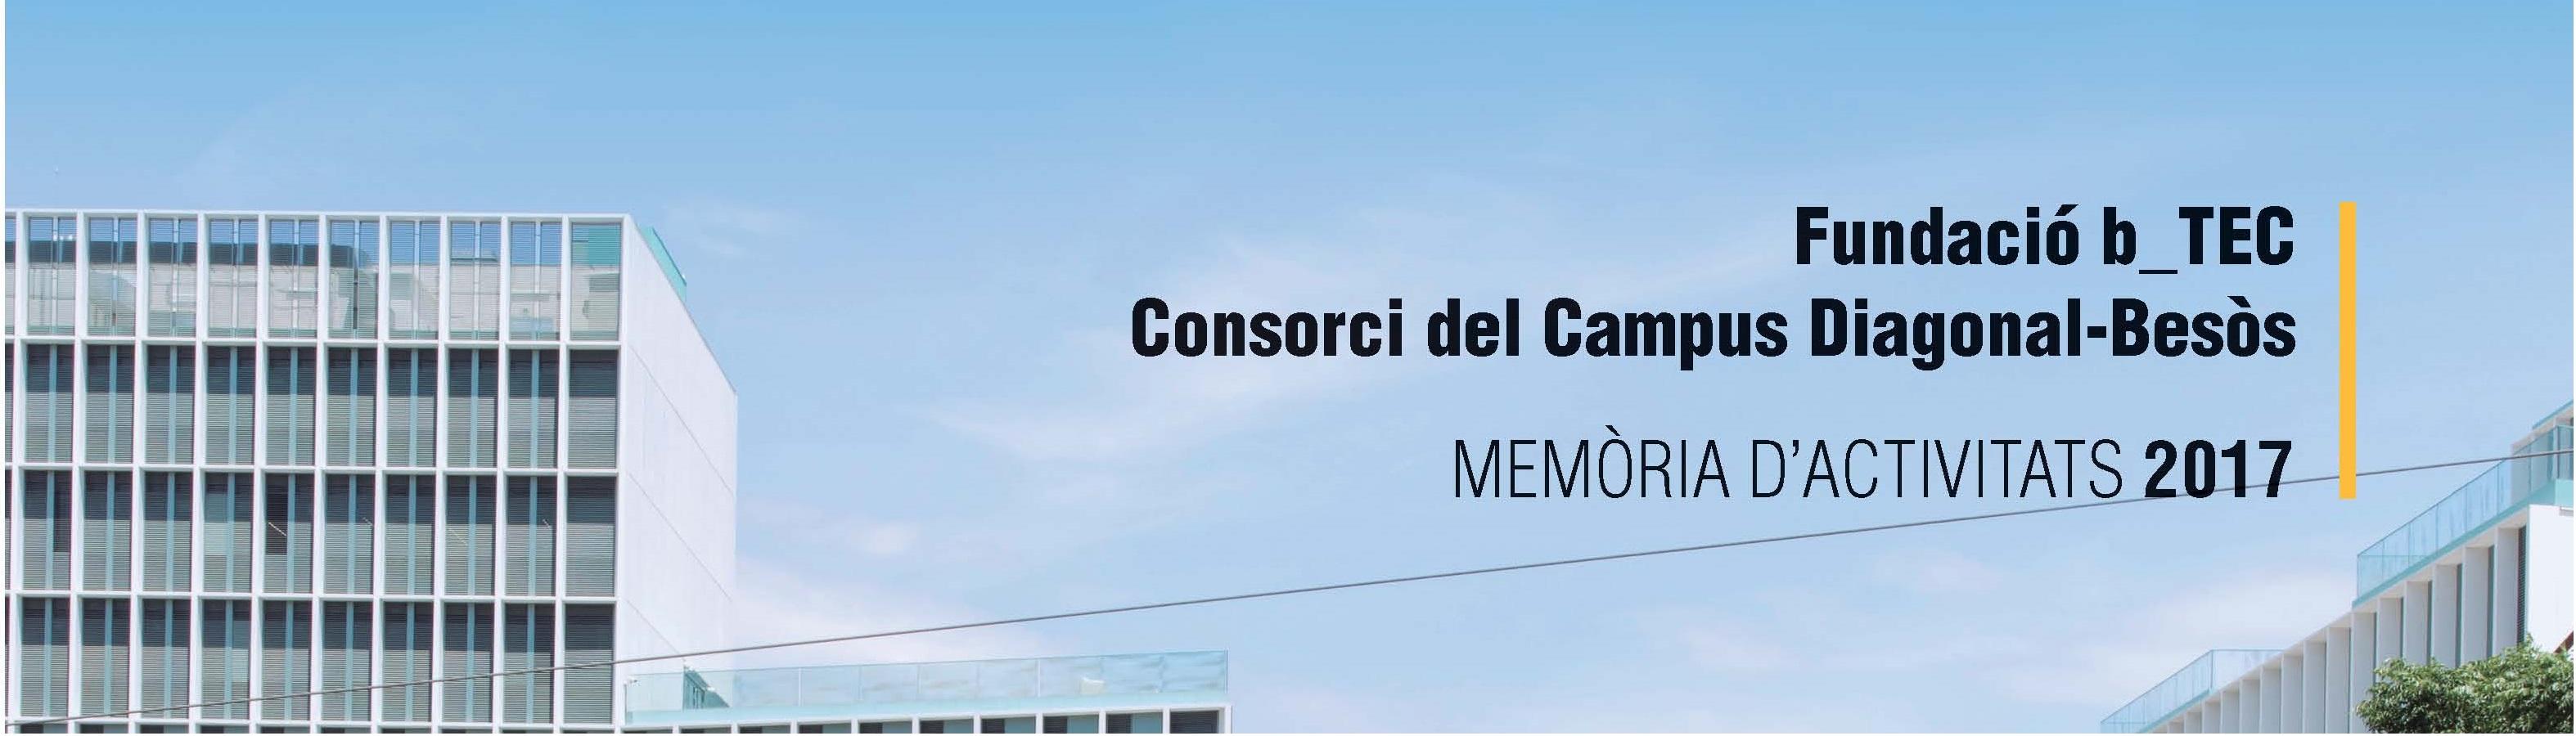 Memòria anual 2017 caratula.jpg